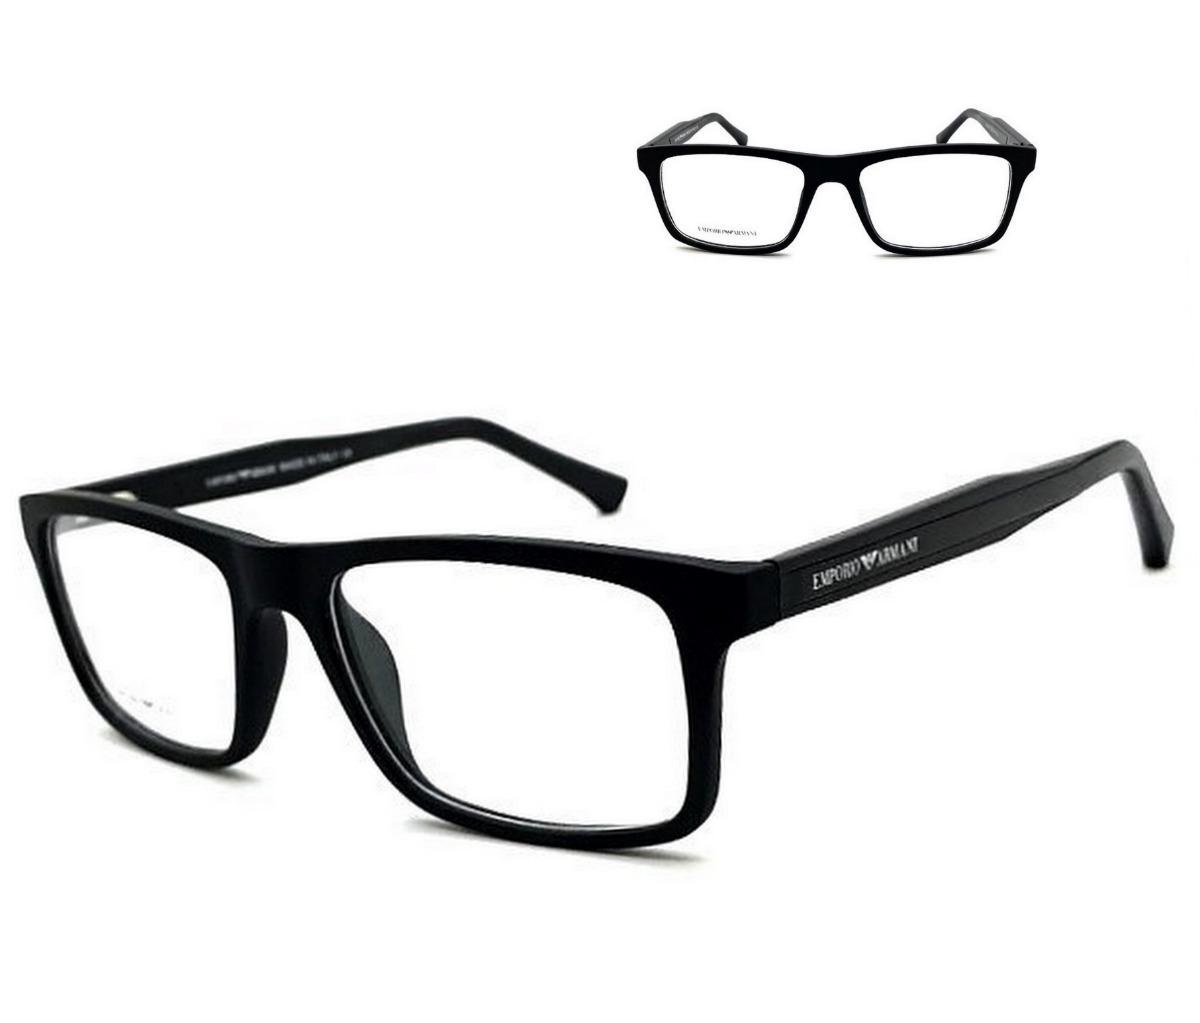 36a78dedb Armação Oculos Grau Masculino Ea3002 Acetato Original - R$ 120,00 em ...